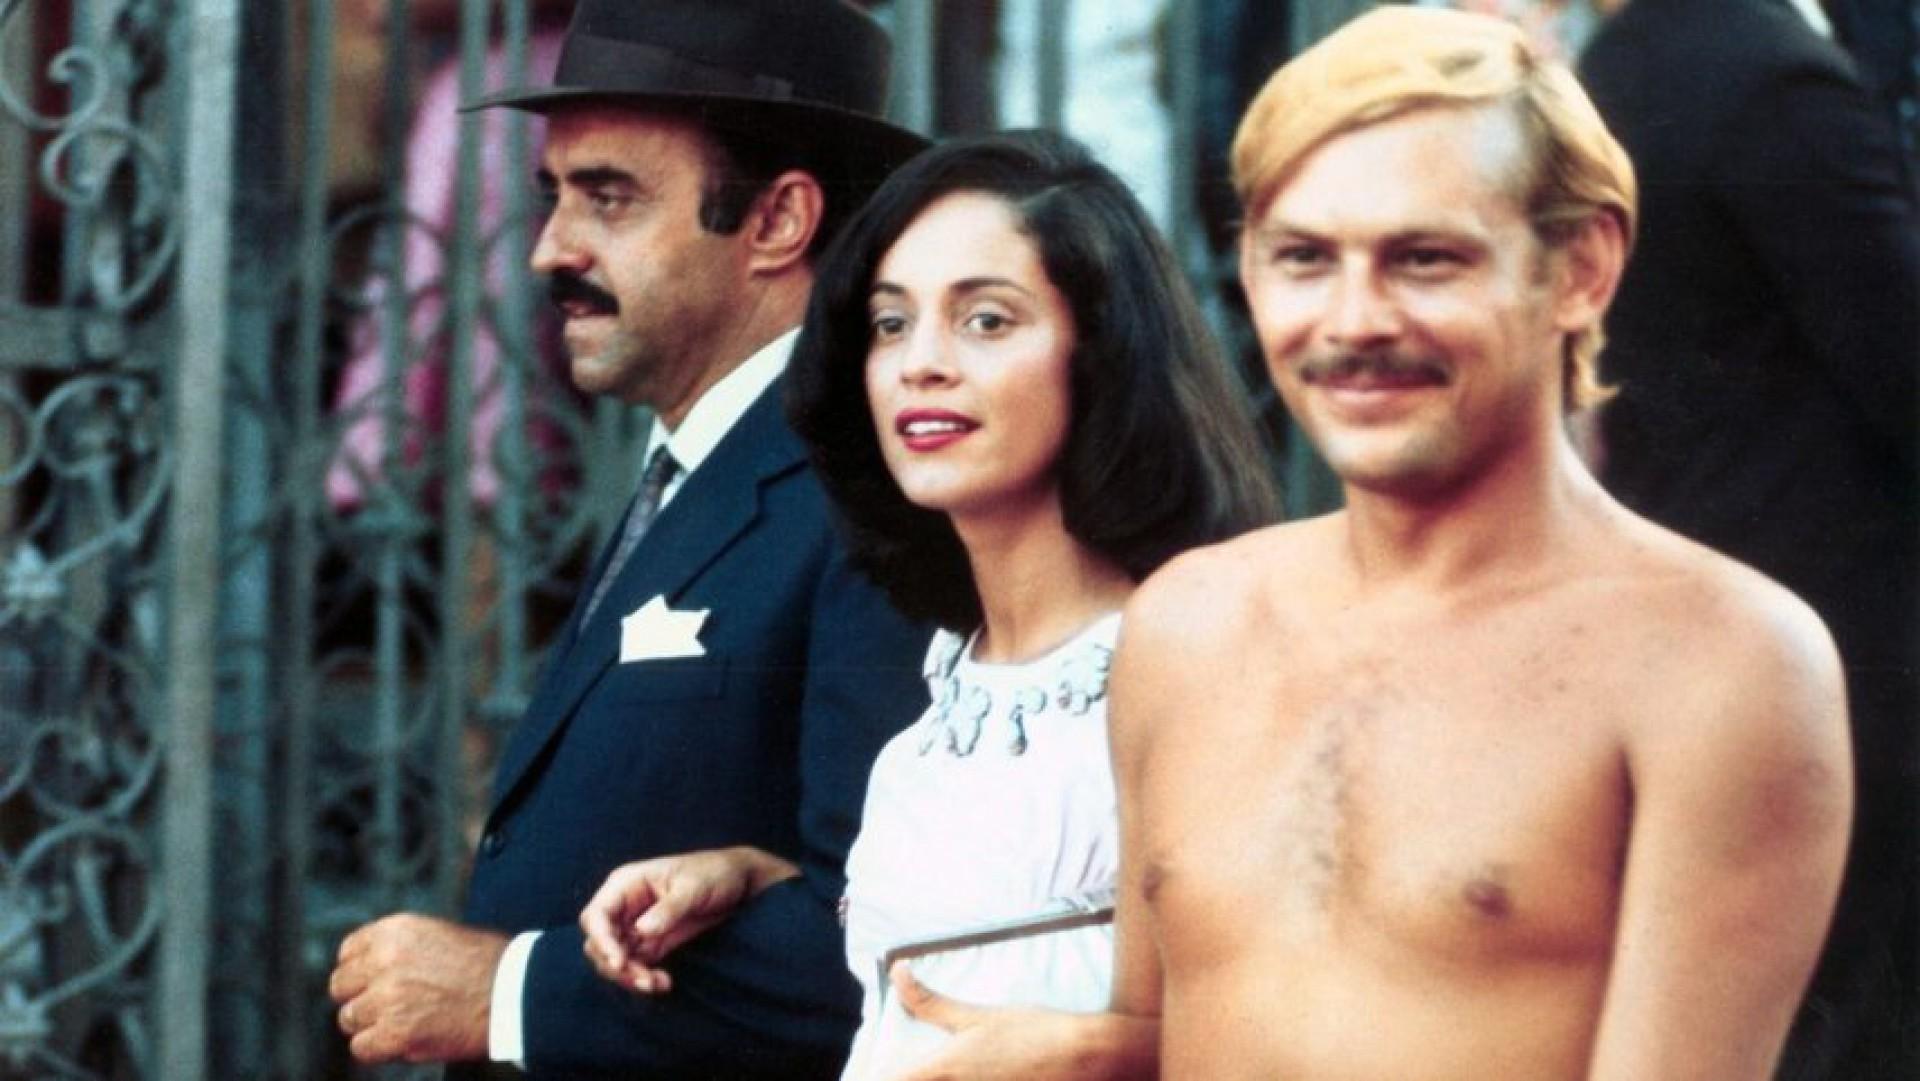 Entre os filmes brasileiros clássicos na plataforma, o destaque é 'Dona Flor e Seus Dois Maridos' (1976), que figurou entre os mais assistidos no País  (Foto: divulgação)